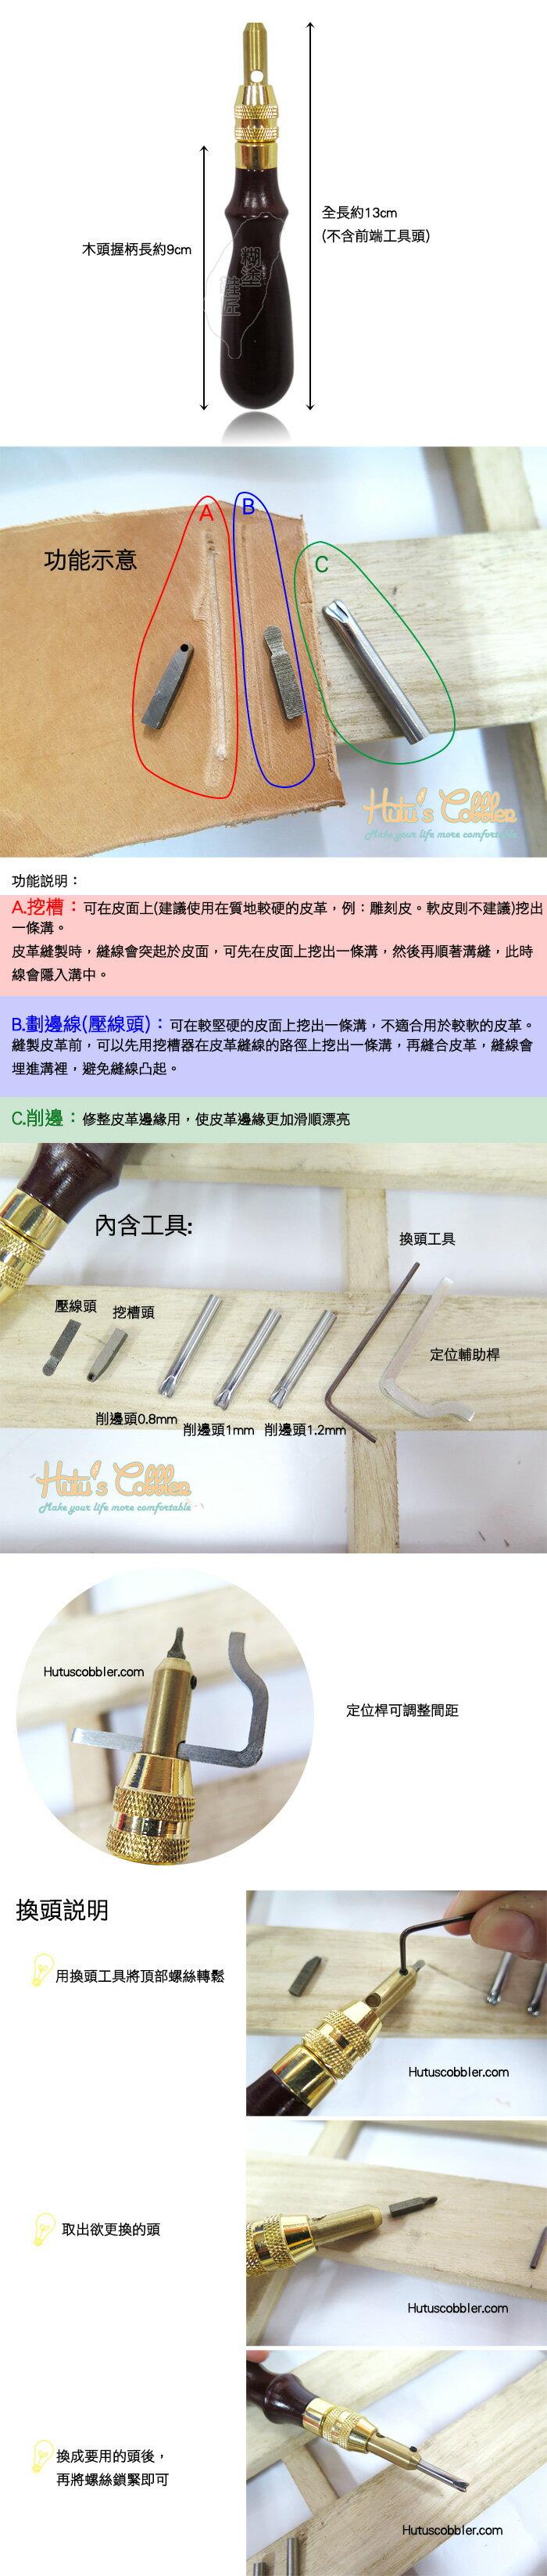 ○糊塗鞋匠○ 優質鞋材 N84 多功能皮面處理器 皮革 手作 工具 五合一功能